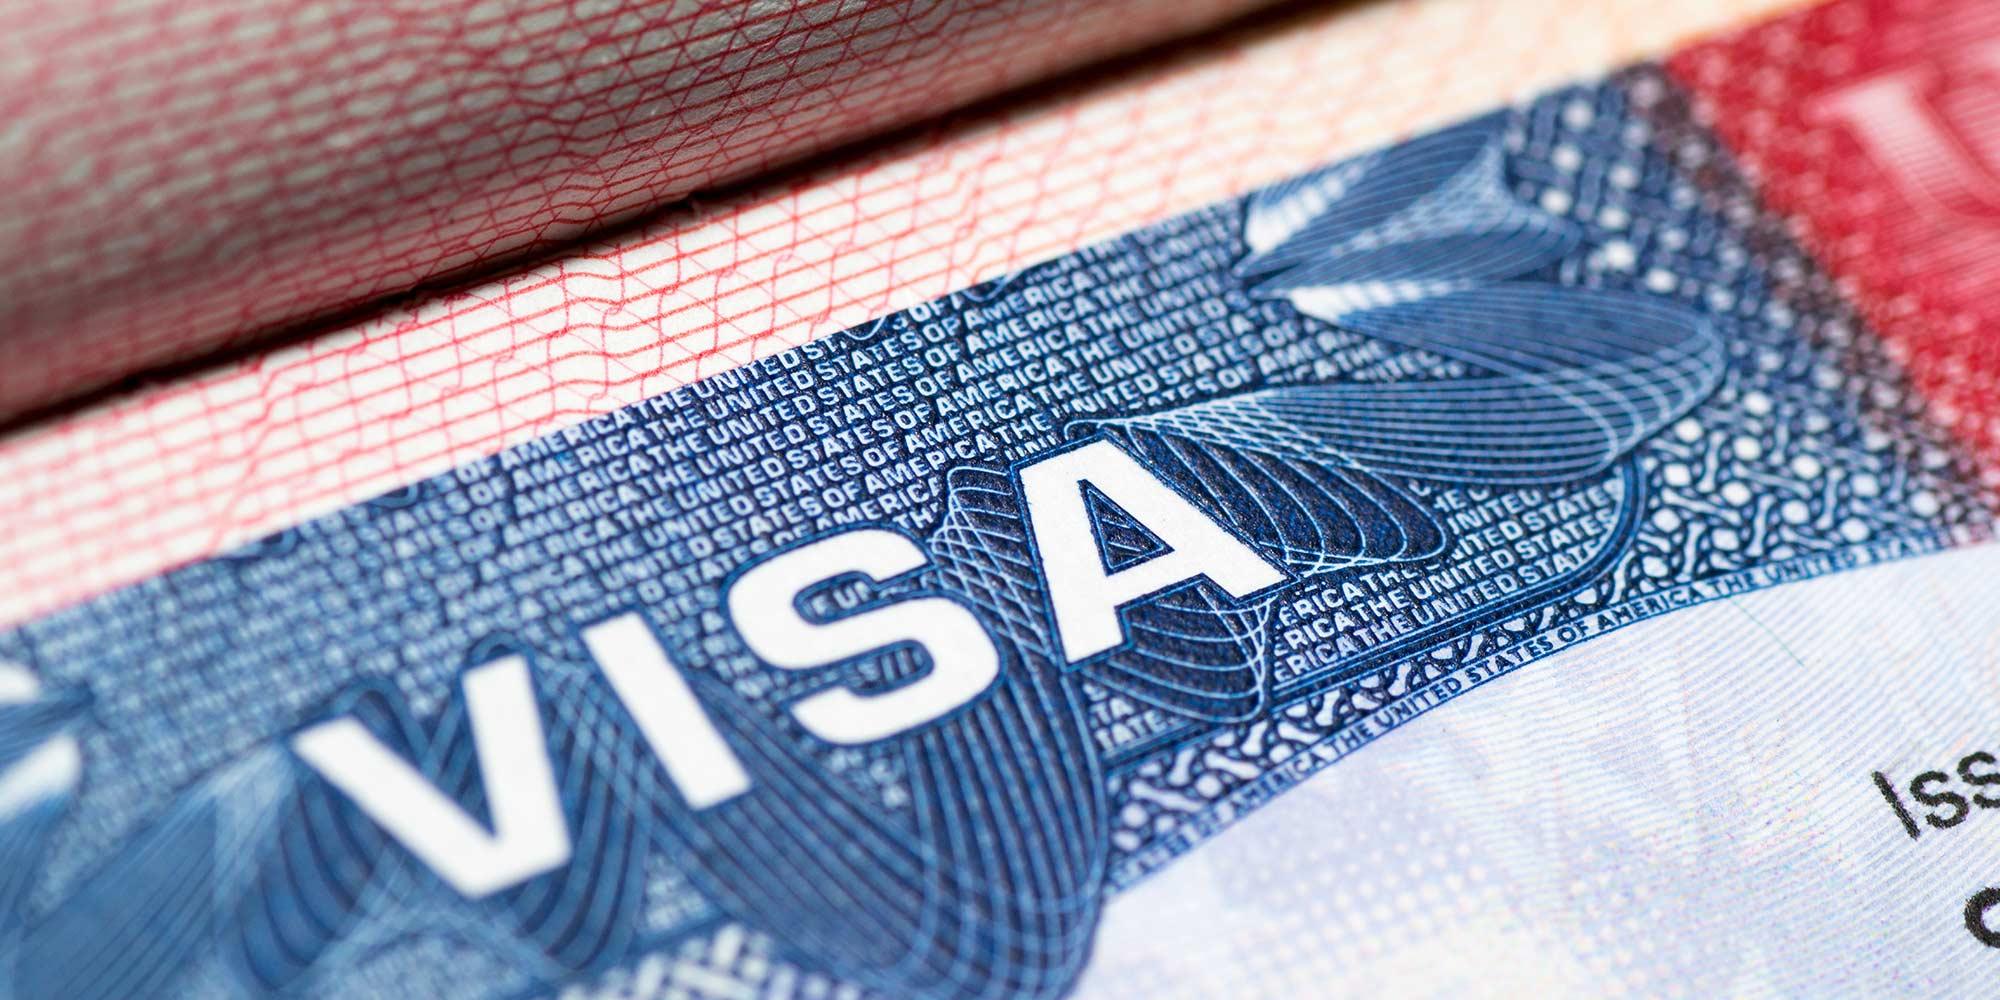 شروط الهجره الى امريكا عبر تأشيرة التوظيف